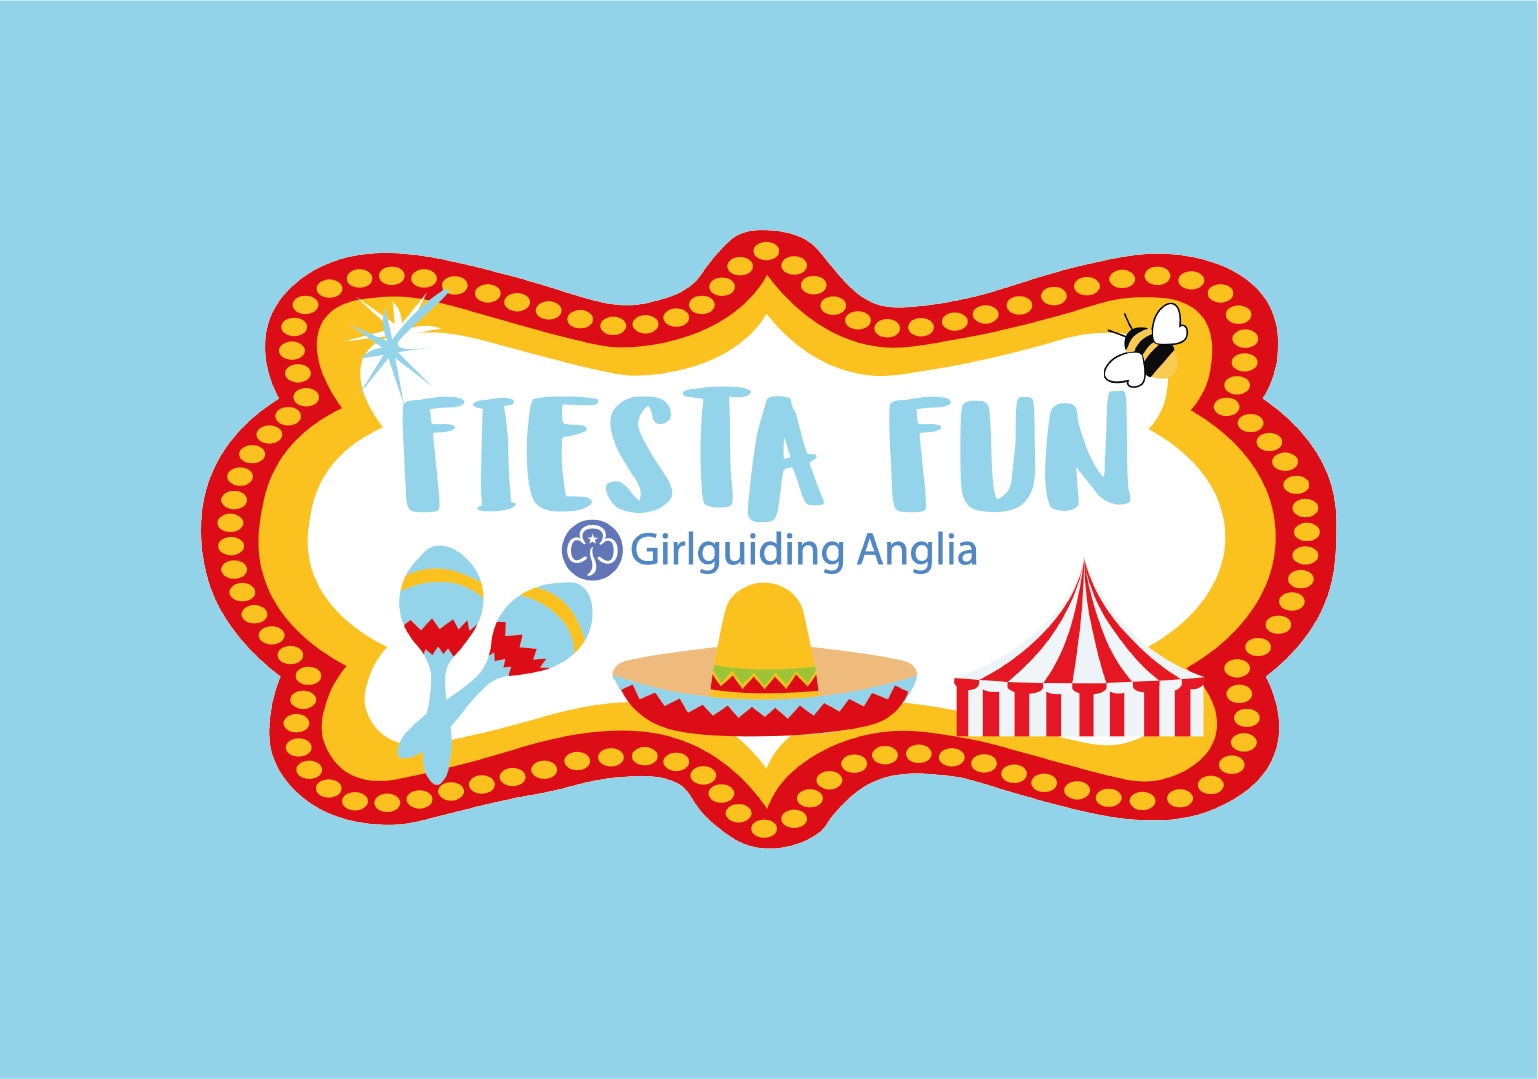 image relating to Fiesta Fun